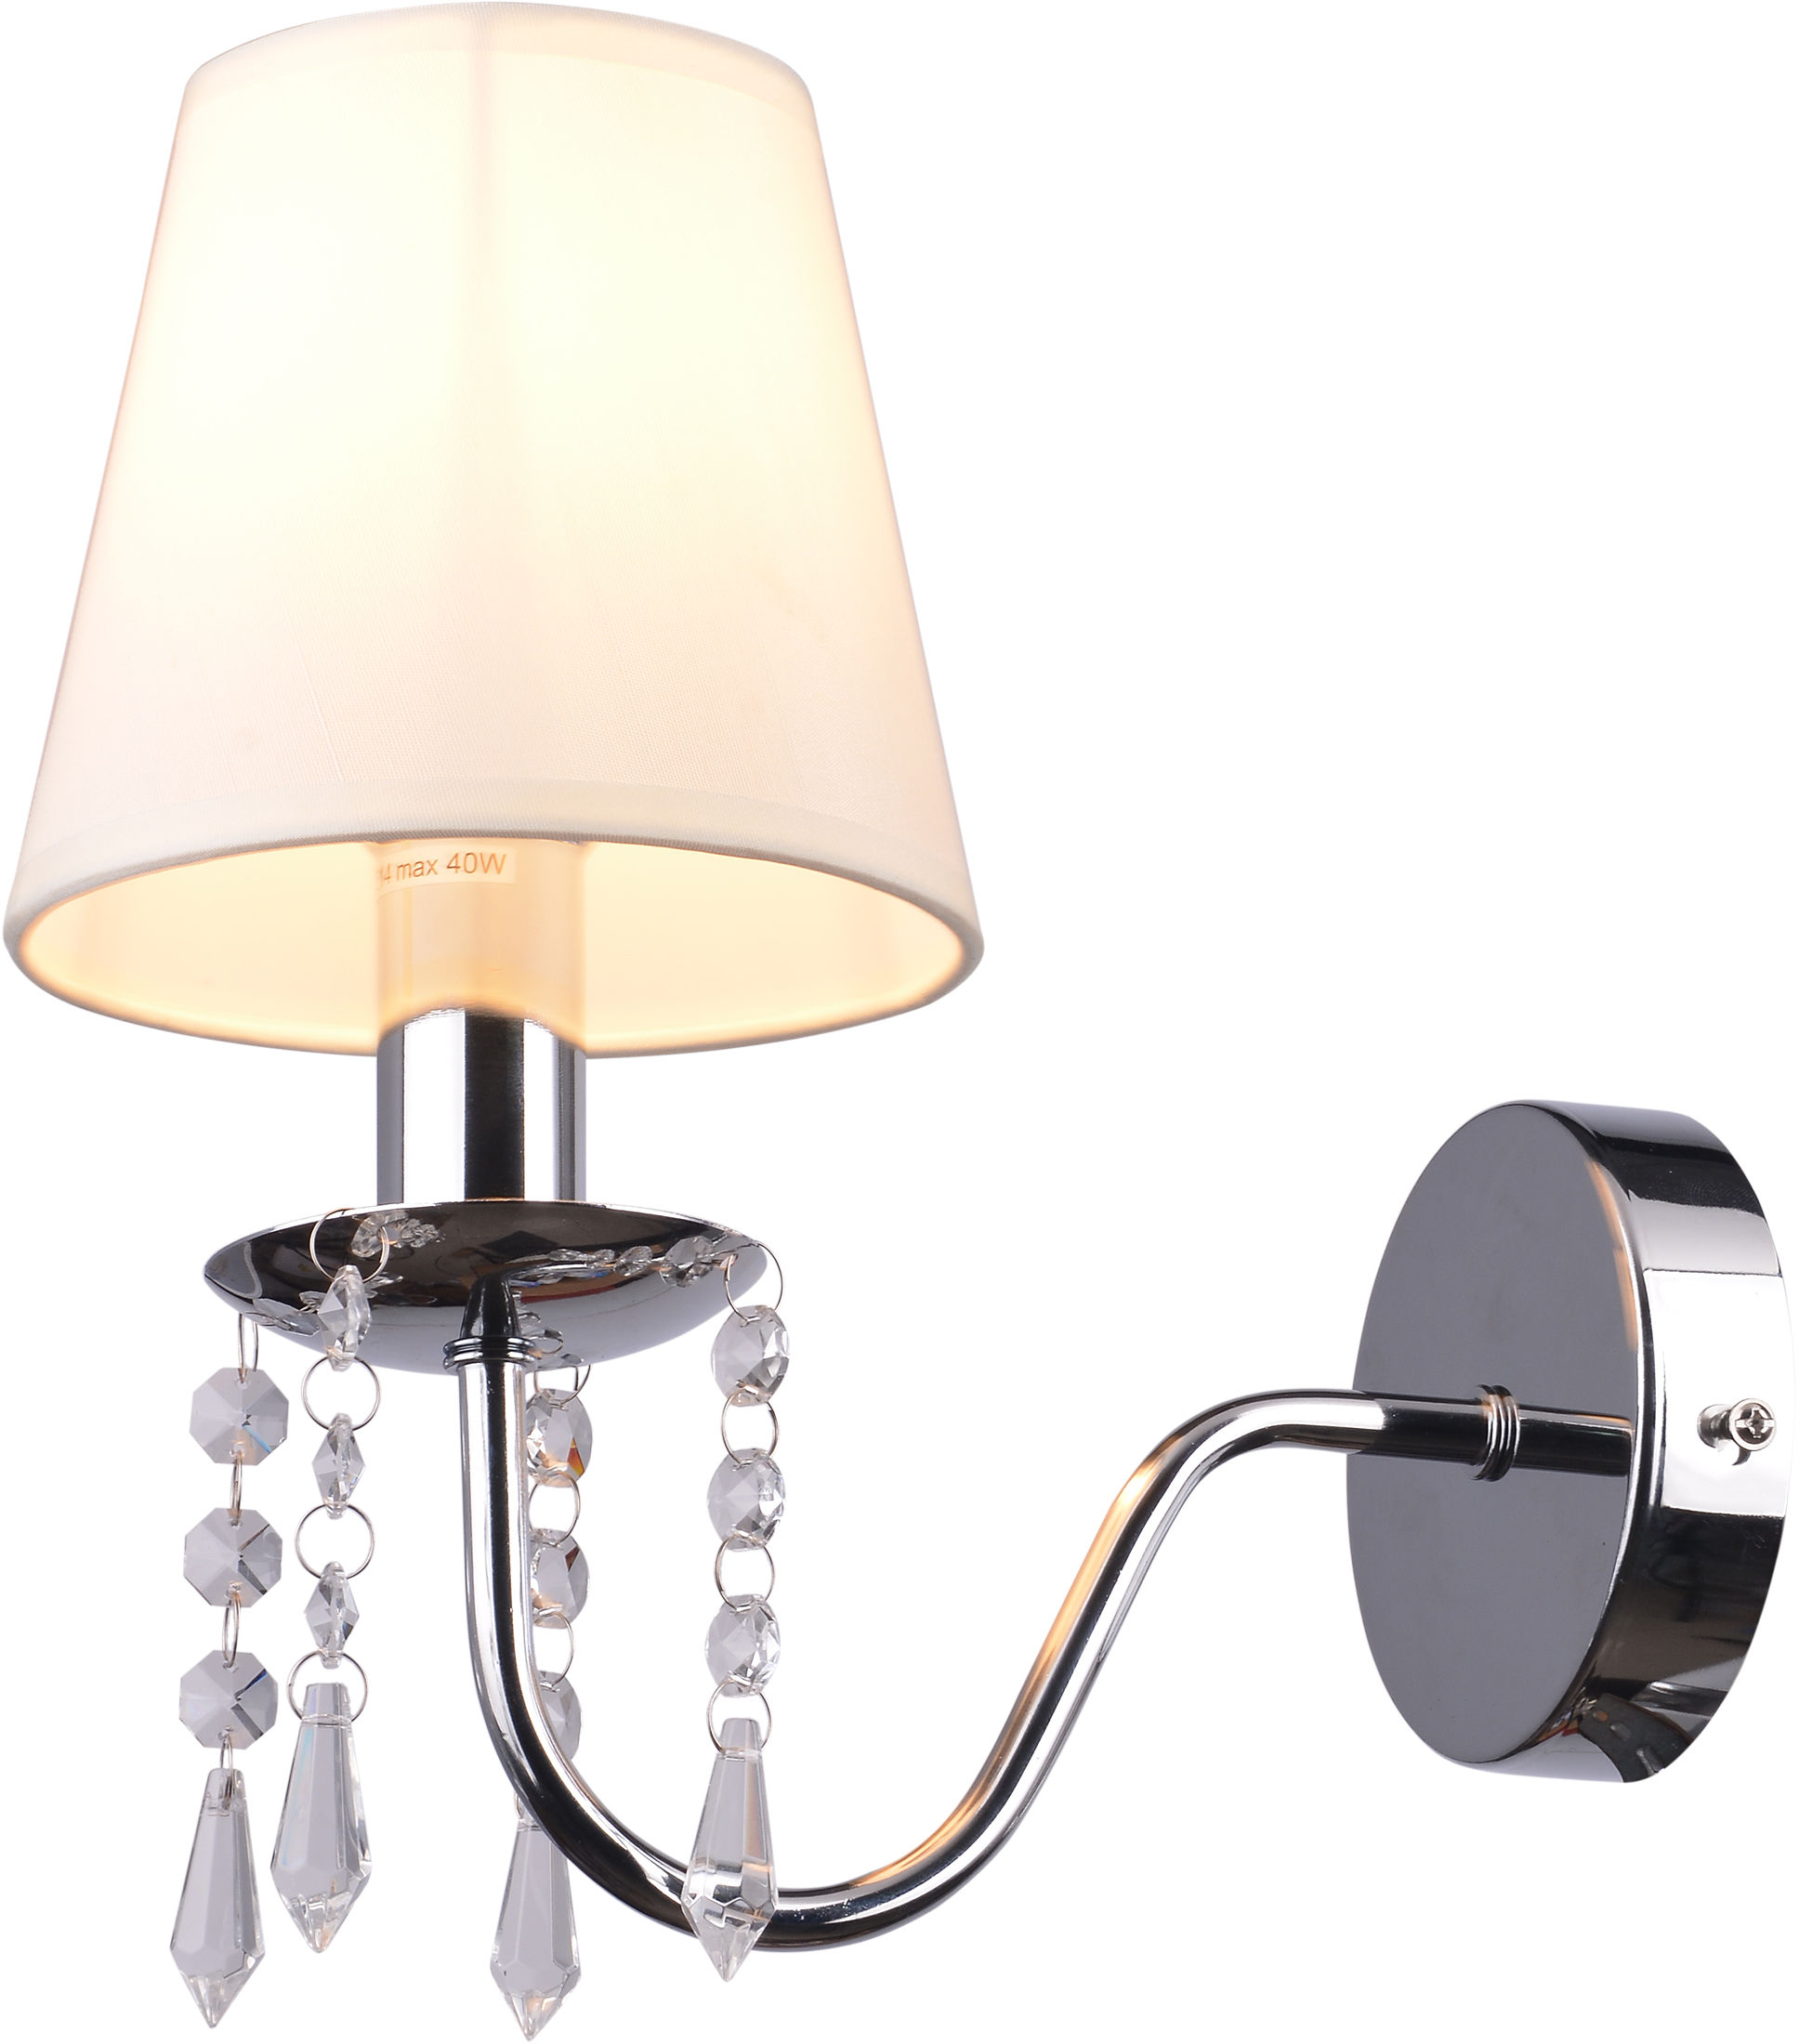 Candellux RUTI 21-58706 kinkiet lampa ścienna chrom 1X40W E14 abażur beżowy kryształki 25cm